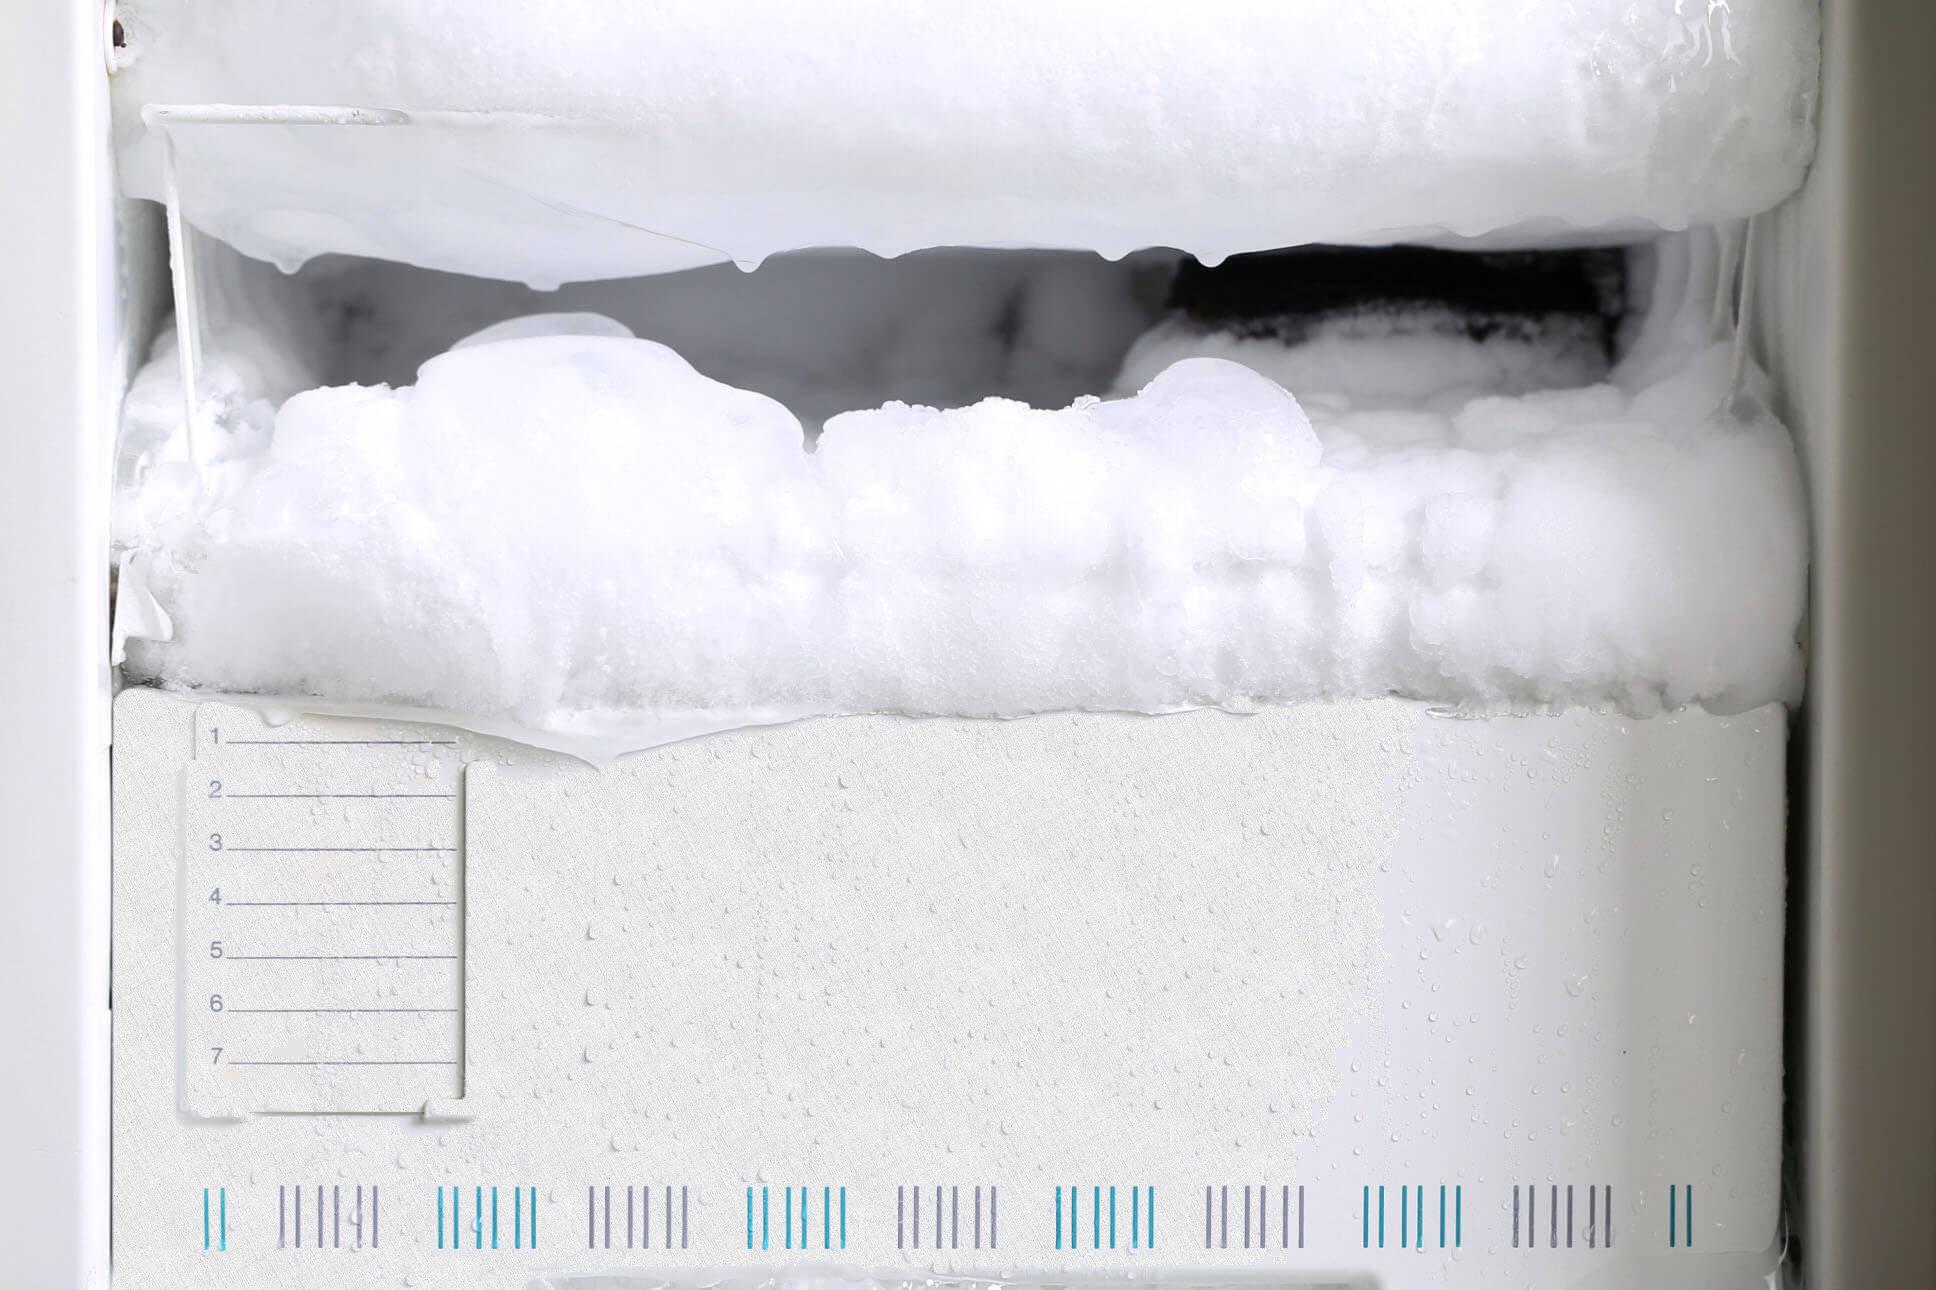 небольшой слой льда